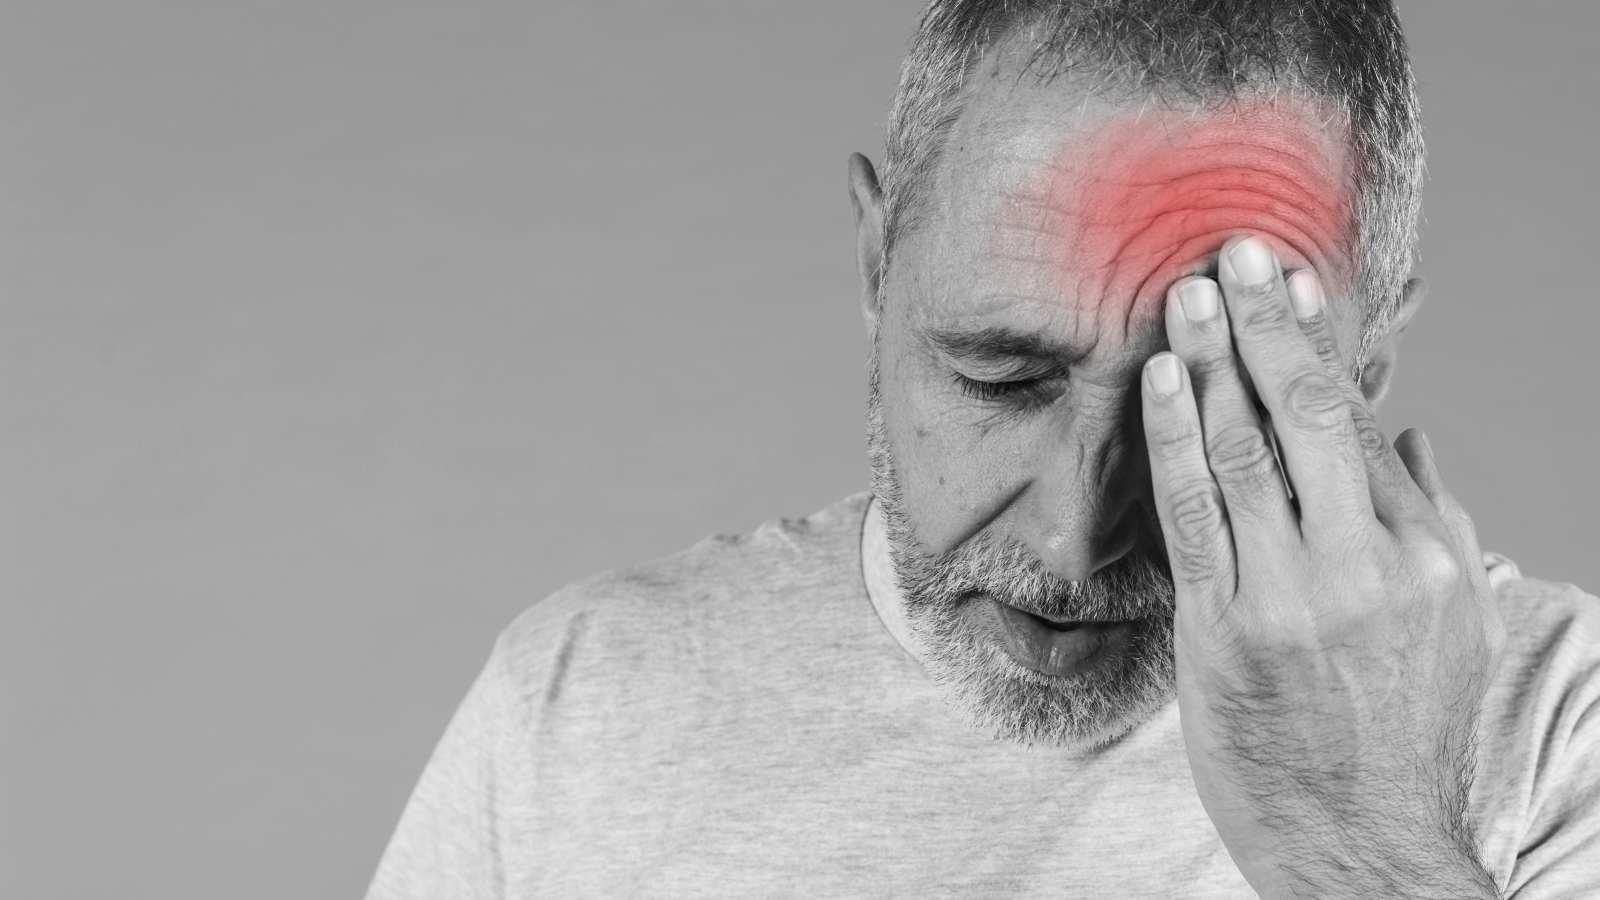 קנאביס רפואי לטיפול בכאב